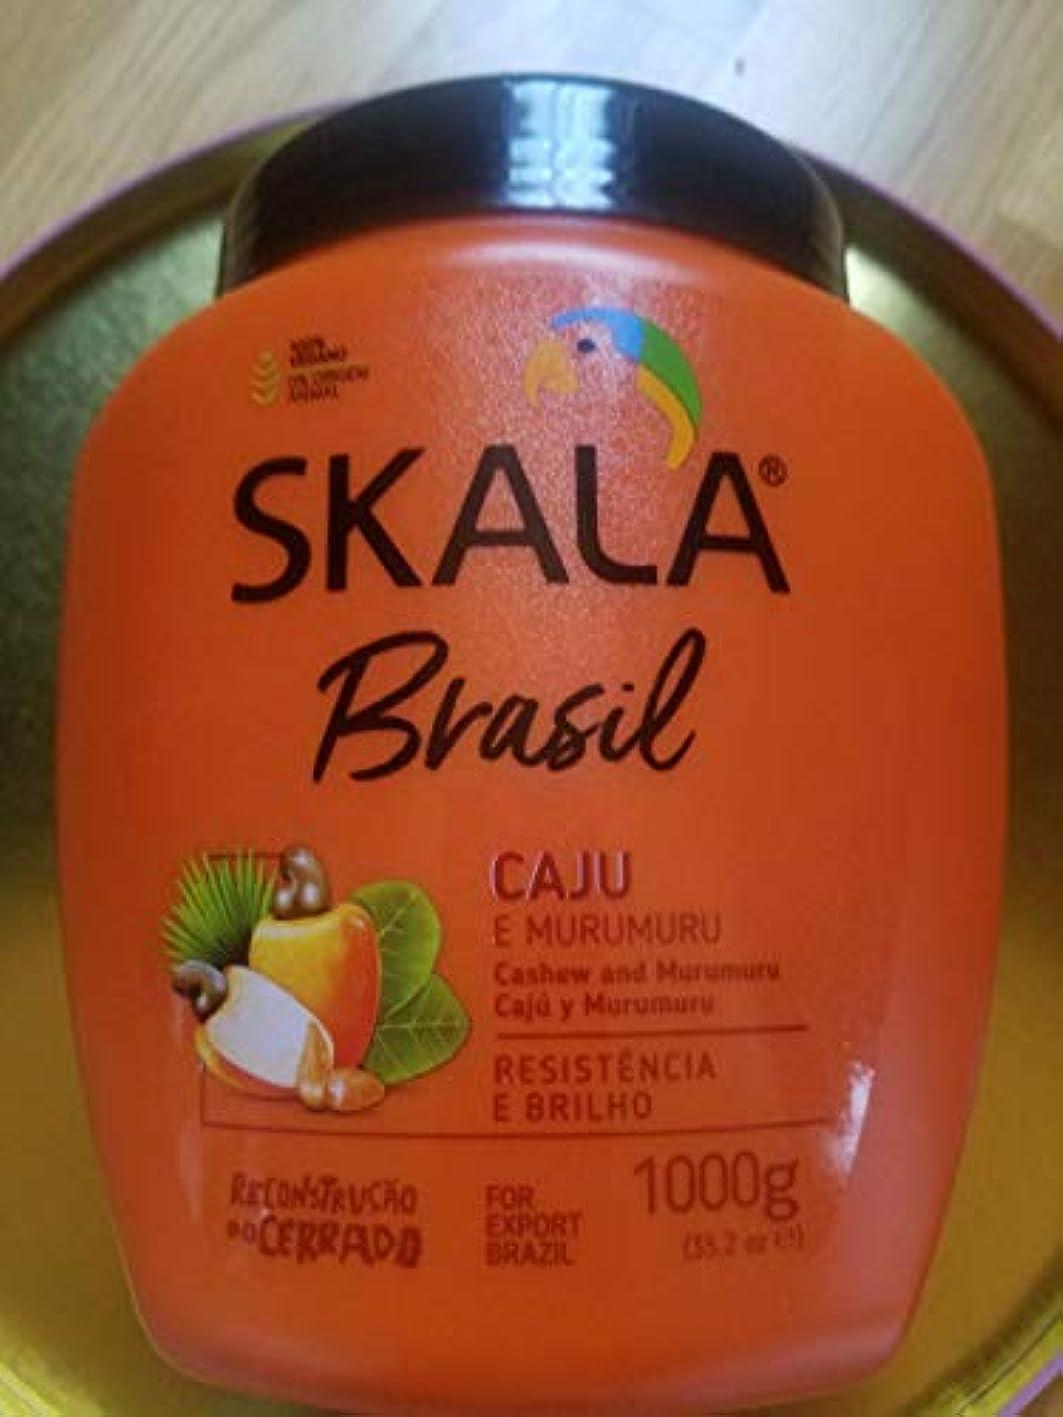 運営分析する殺人Skala Brasil スカラブラジル カジュ&ムルムル オールヘア用 2イン1 トリートメントクリーム 1kg